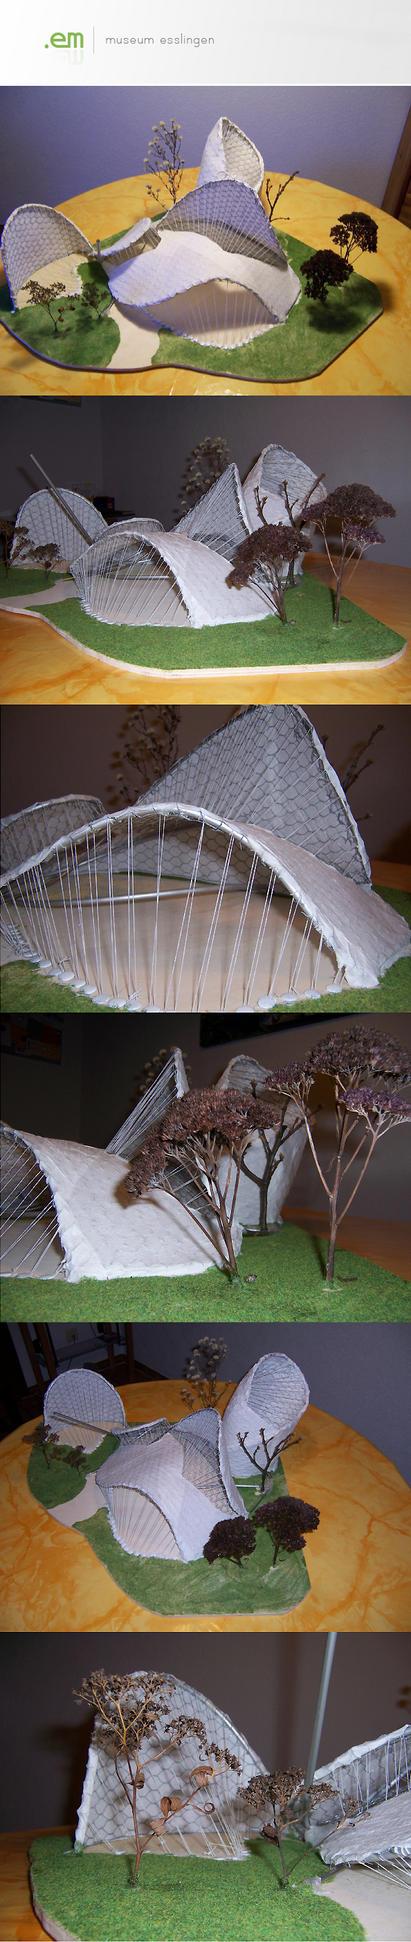 School project by herrh